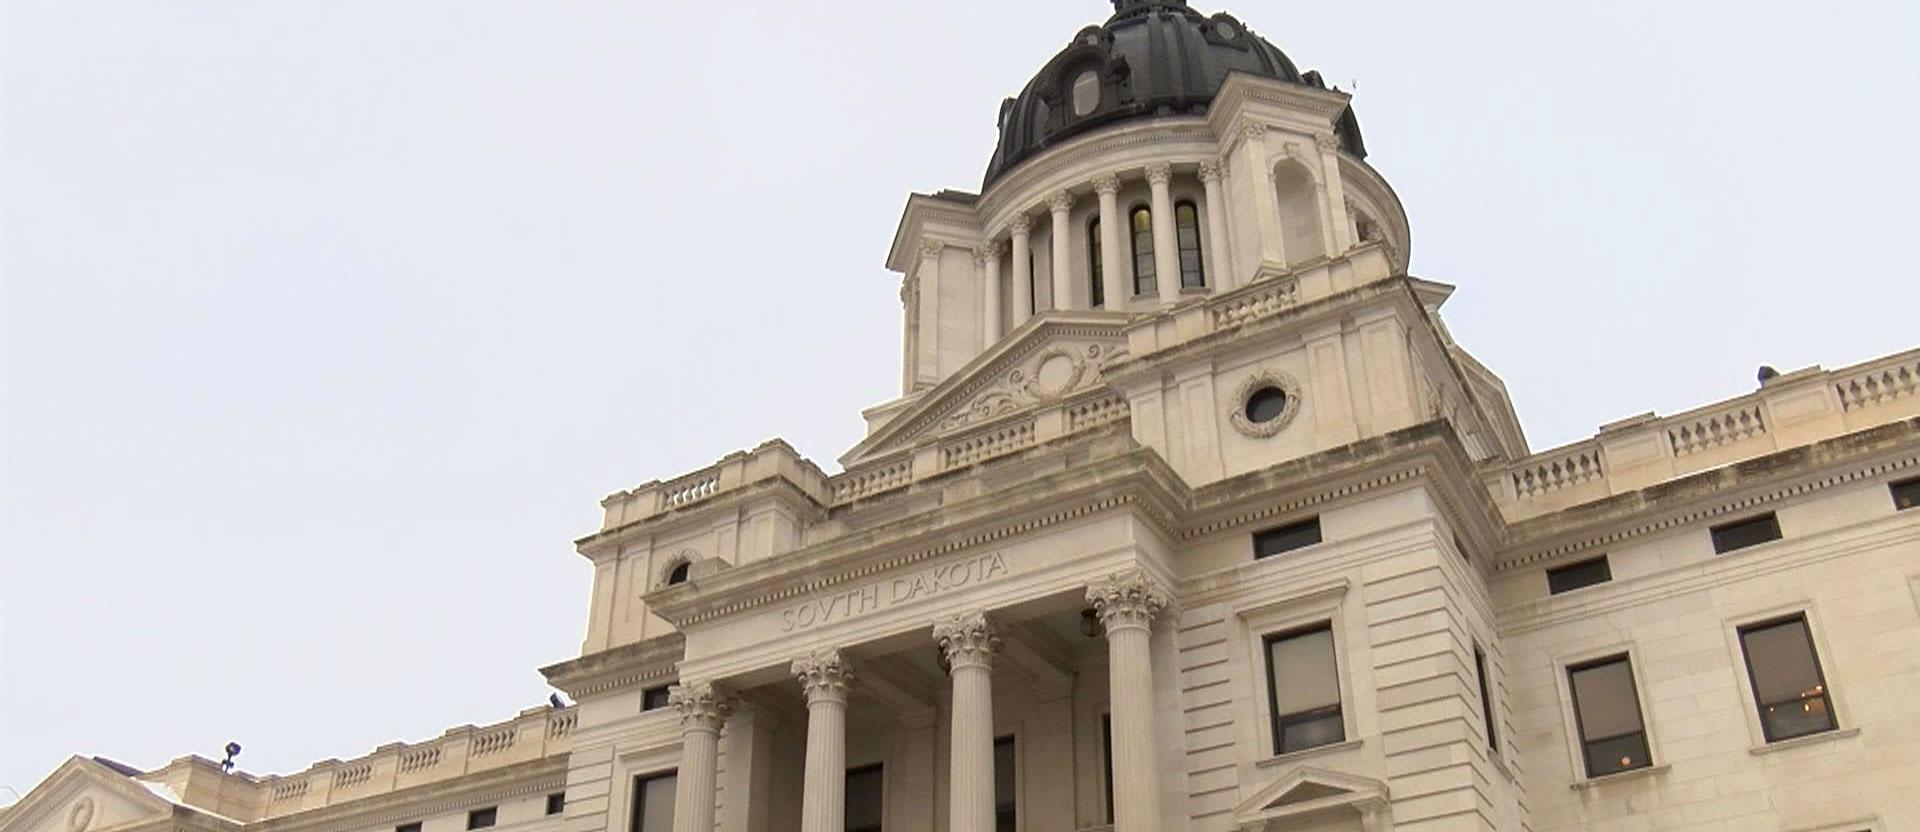 Pierre Capitol Building